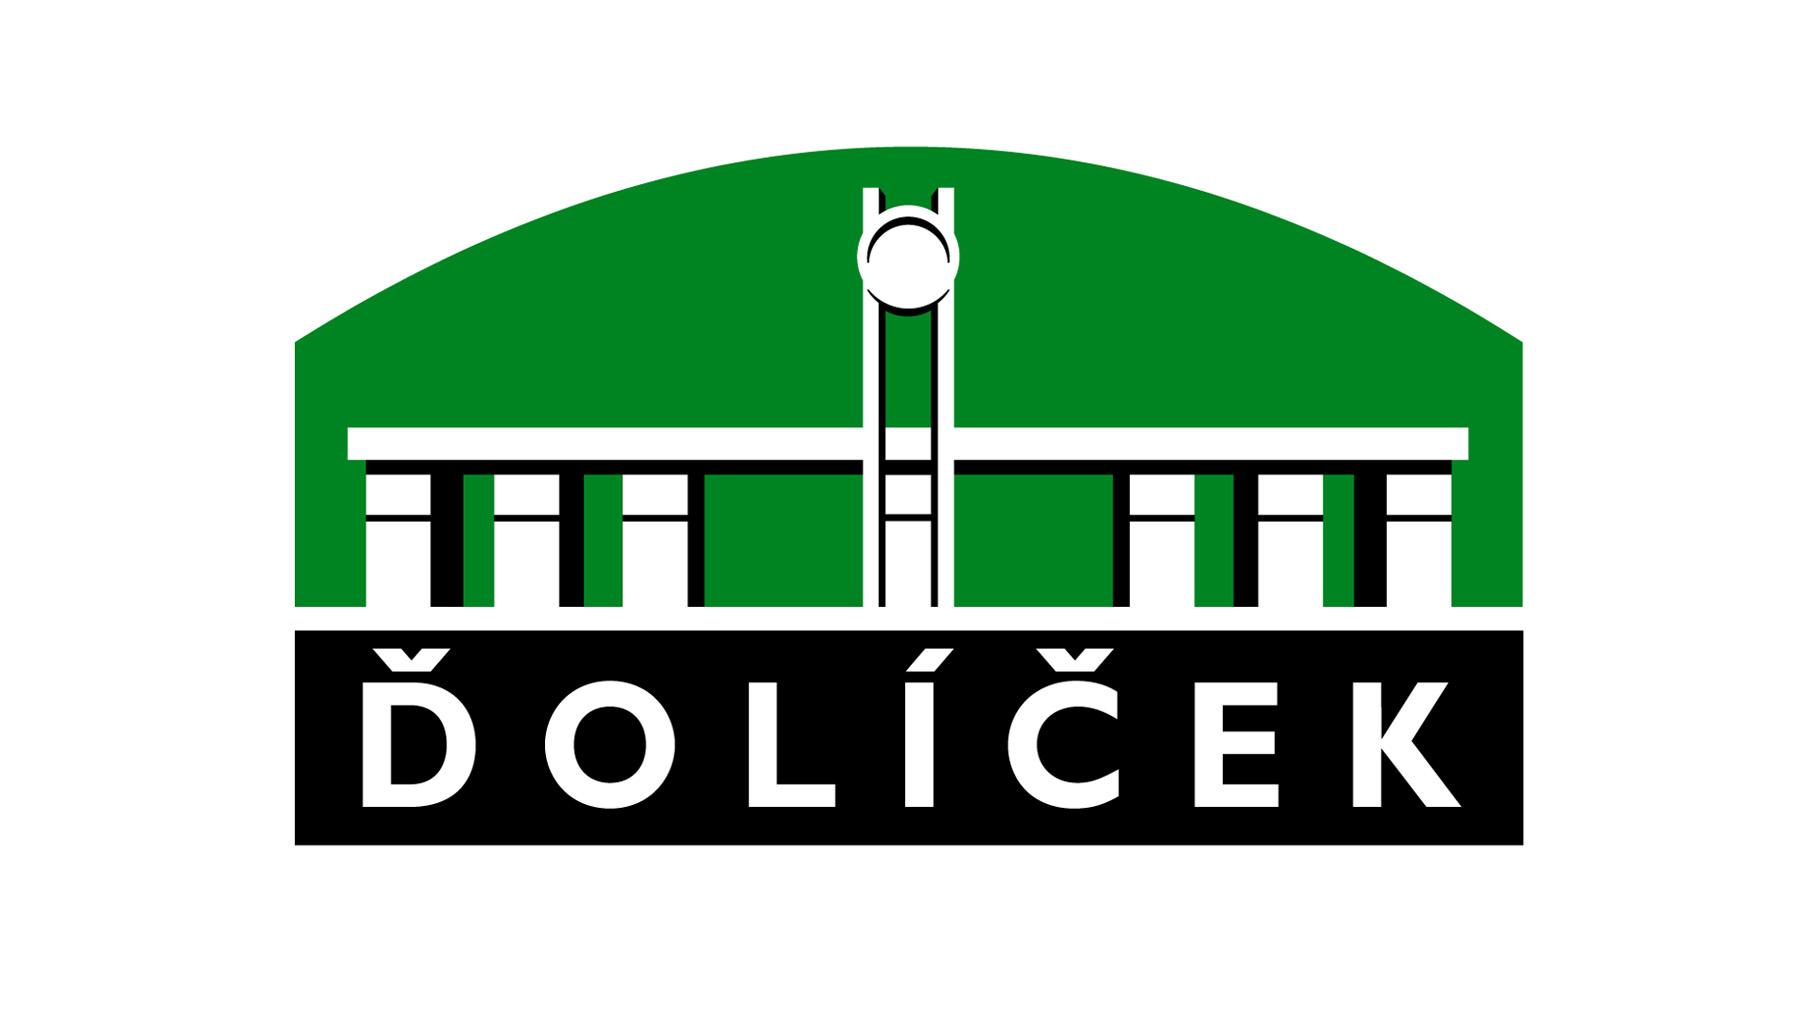 doliceck